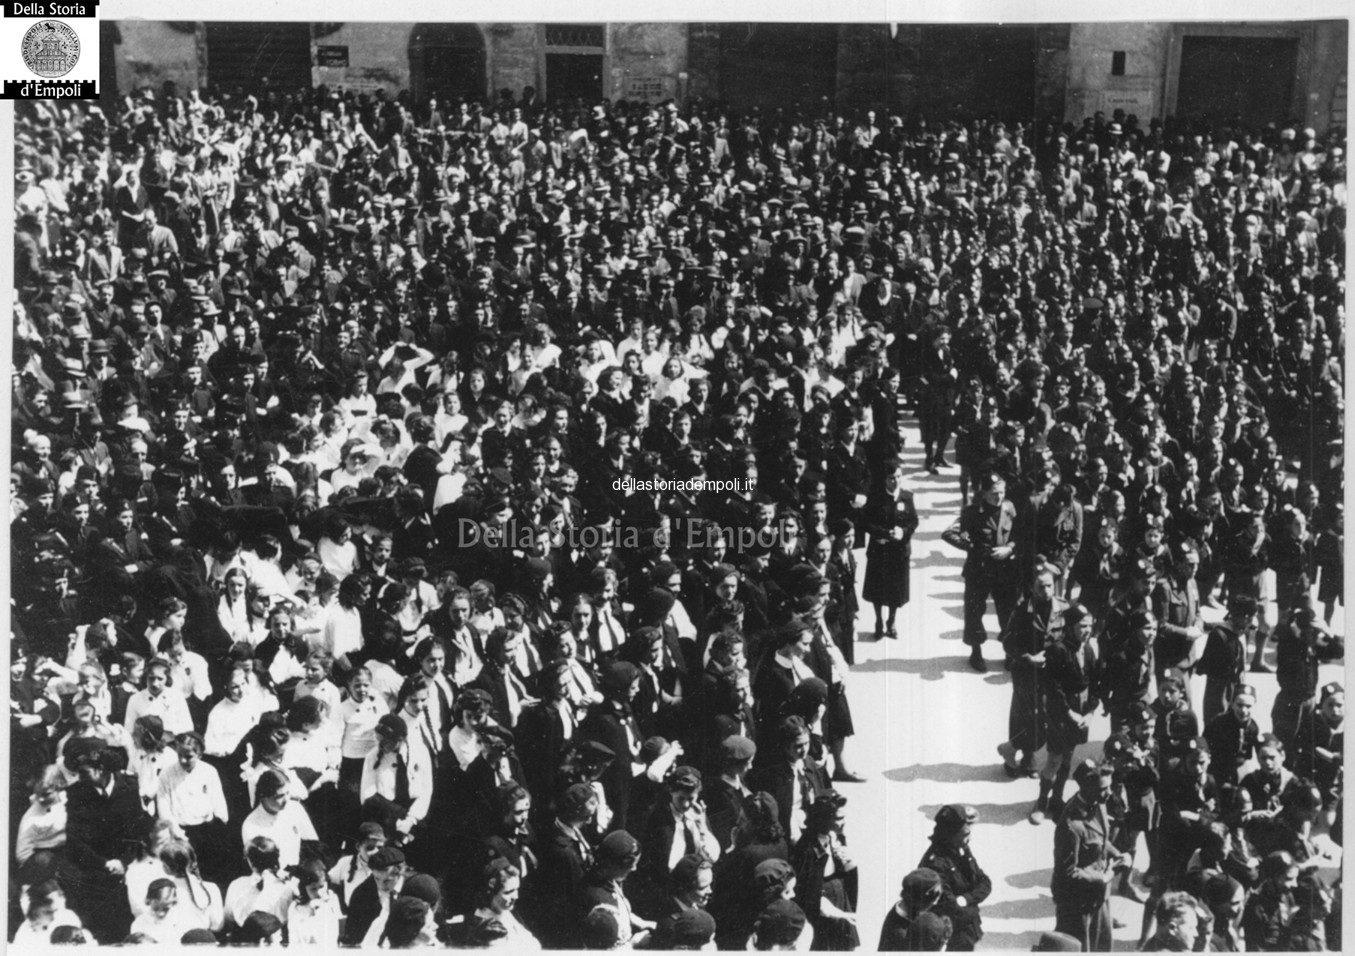 Piazza Del Littorio, Adunata Fascista. Archivio Fondo Caponi